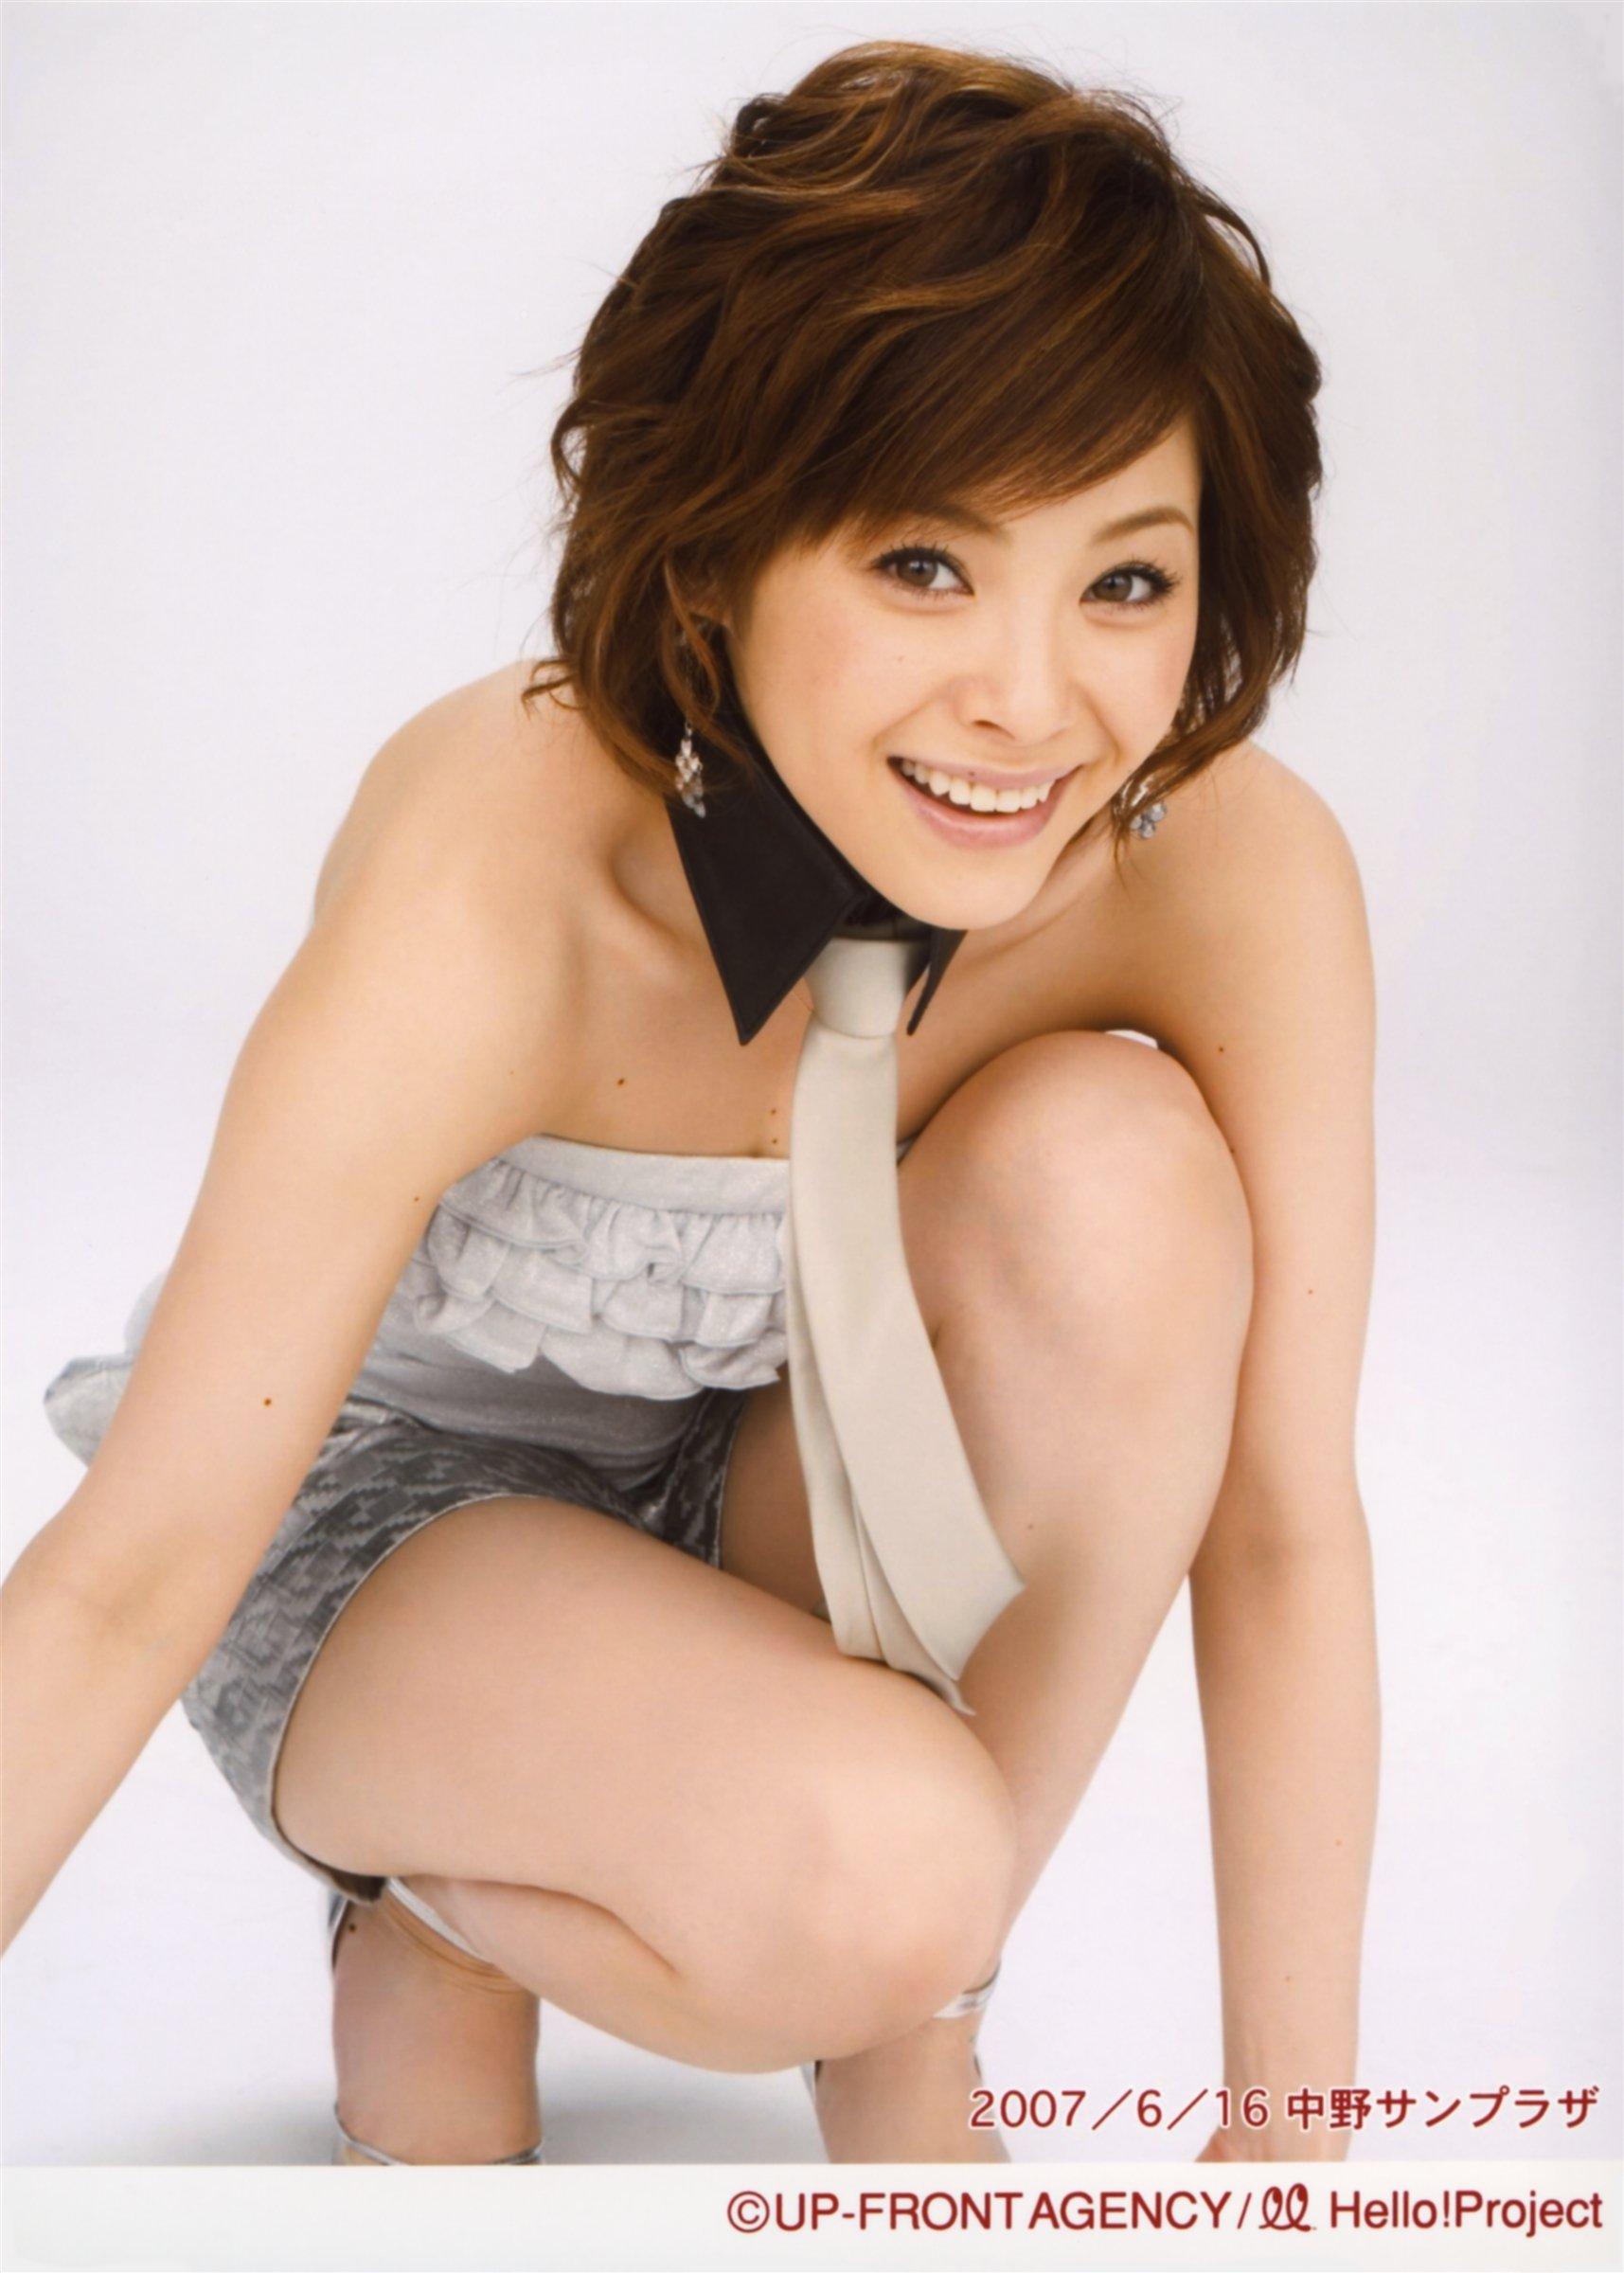 Maria takagi model excellent